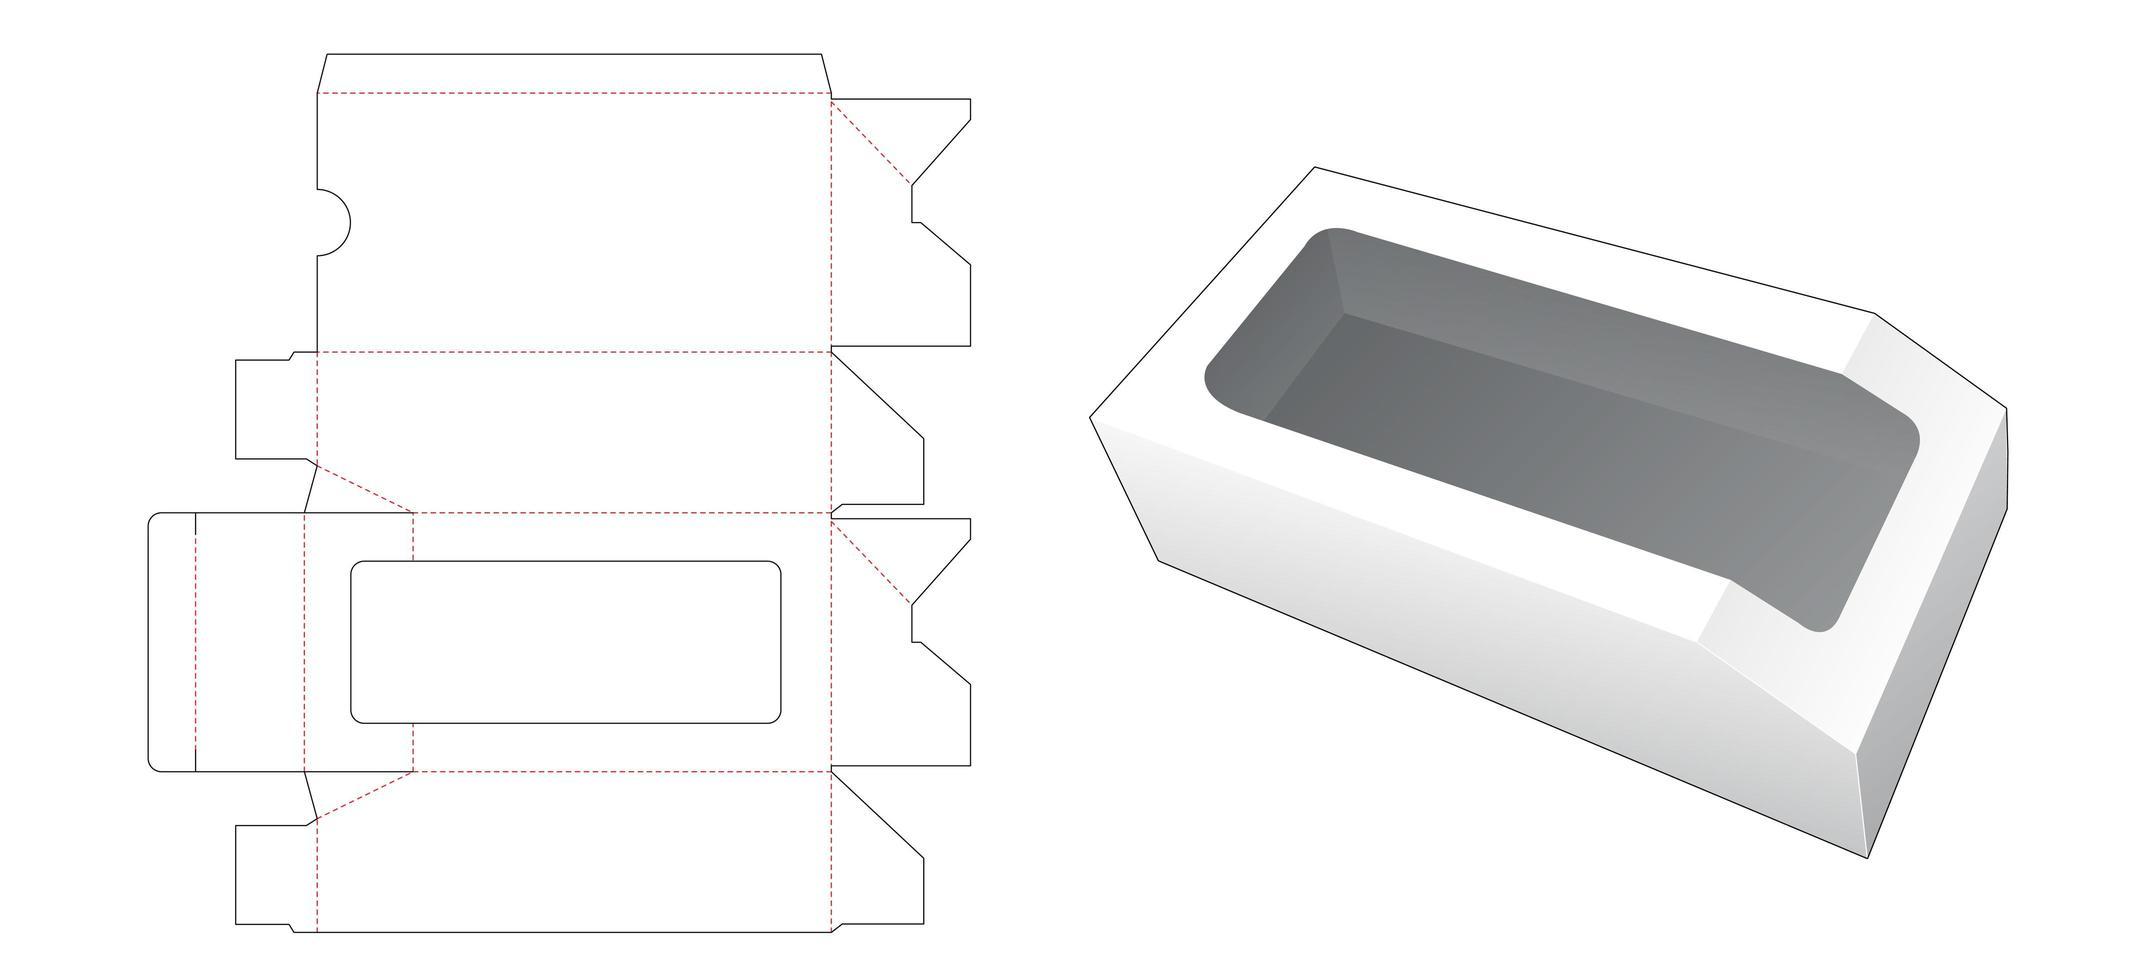 1 boîte chanfreinée avec fenêtre vecteur